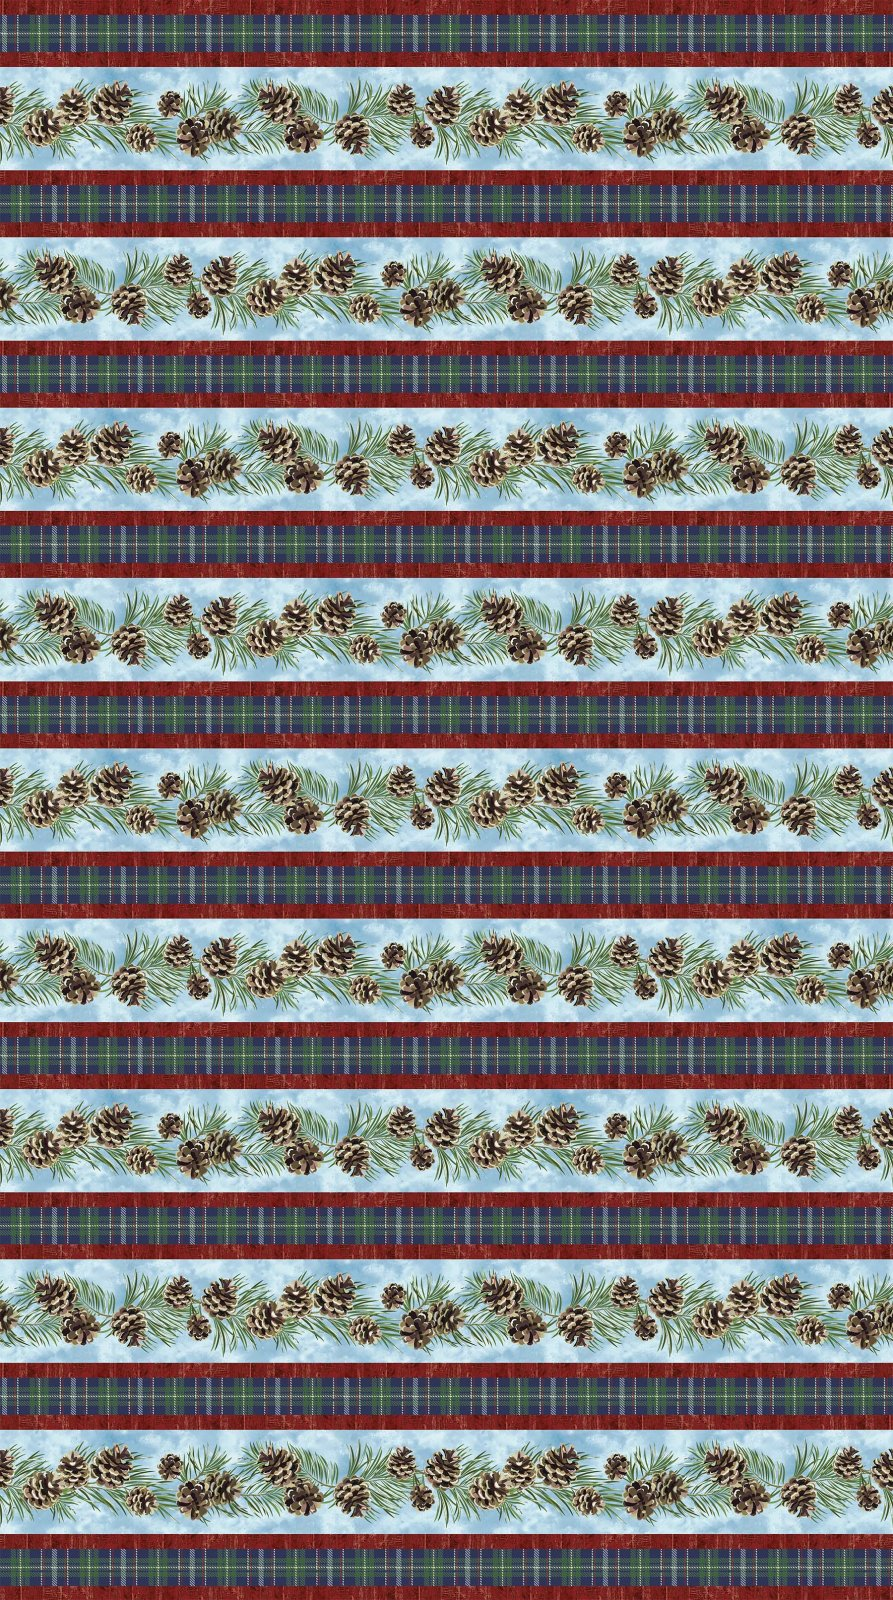 Northcott Christmas Wish 23464-44 Pine Cone & Plaid Stripe